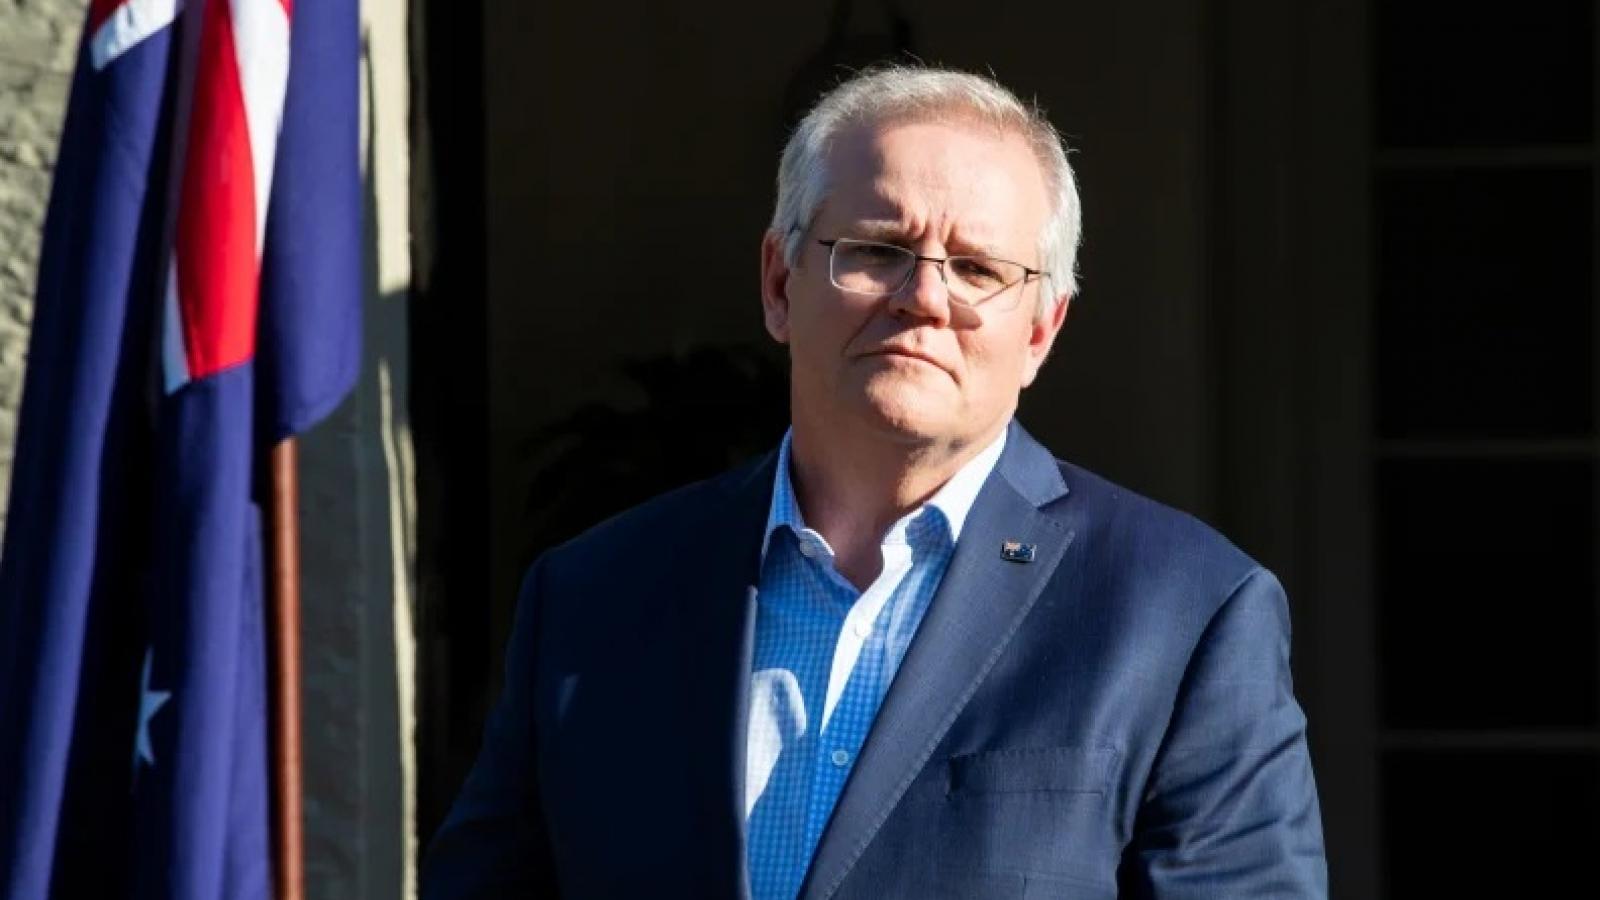 Thủ tướng Australia chờ cơ hội điện đàm với Tổng thống Pháp sau vụ đóng tàu ngầm